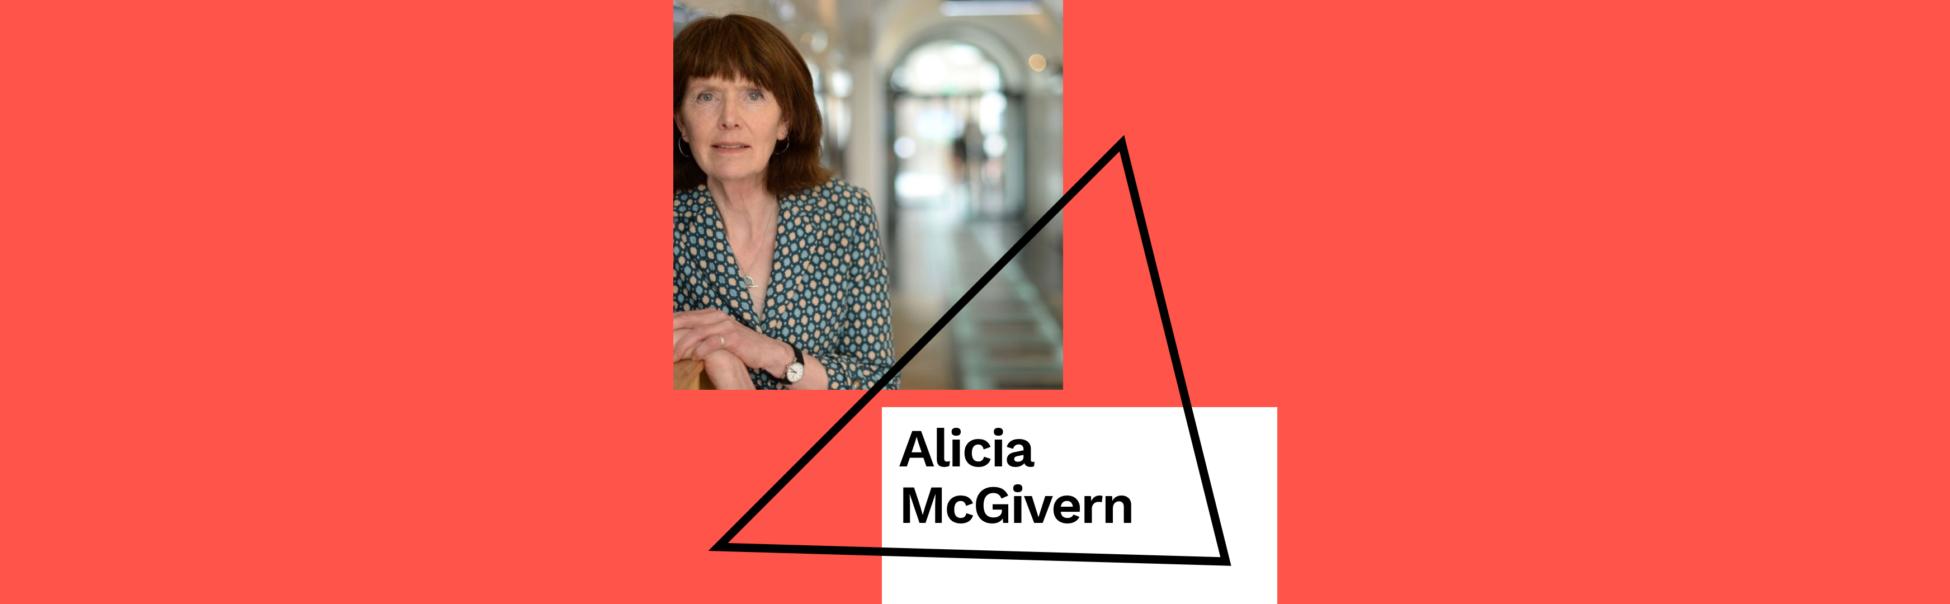 Alicia McGivern